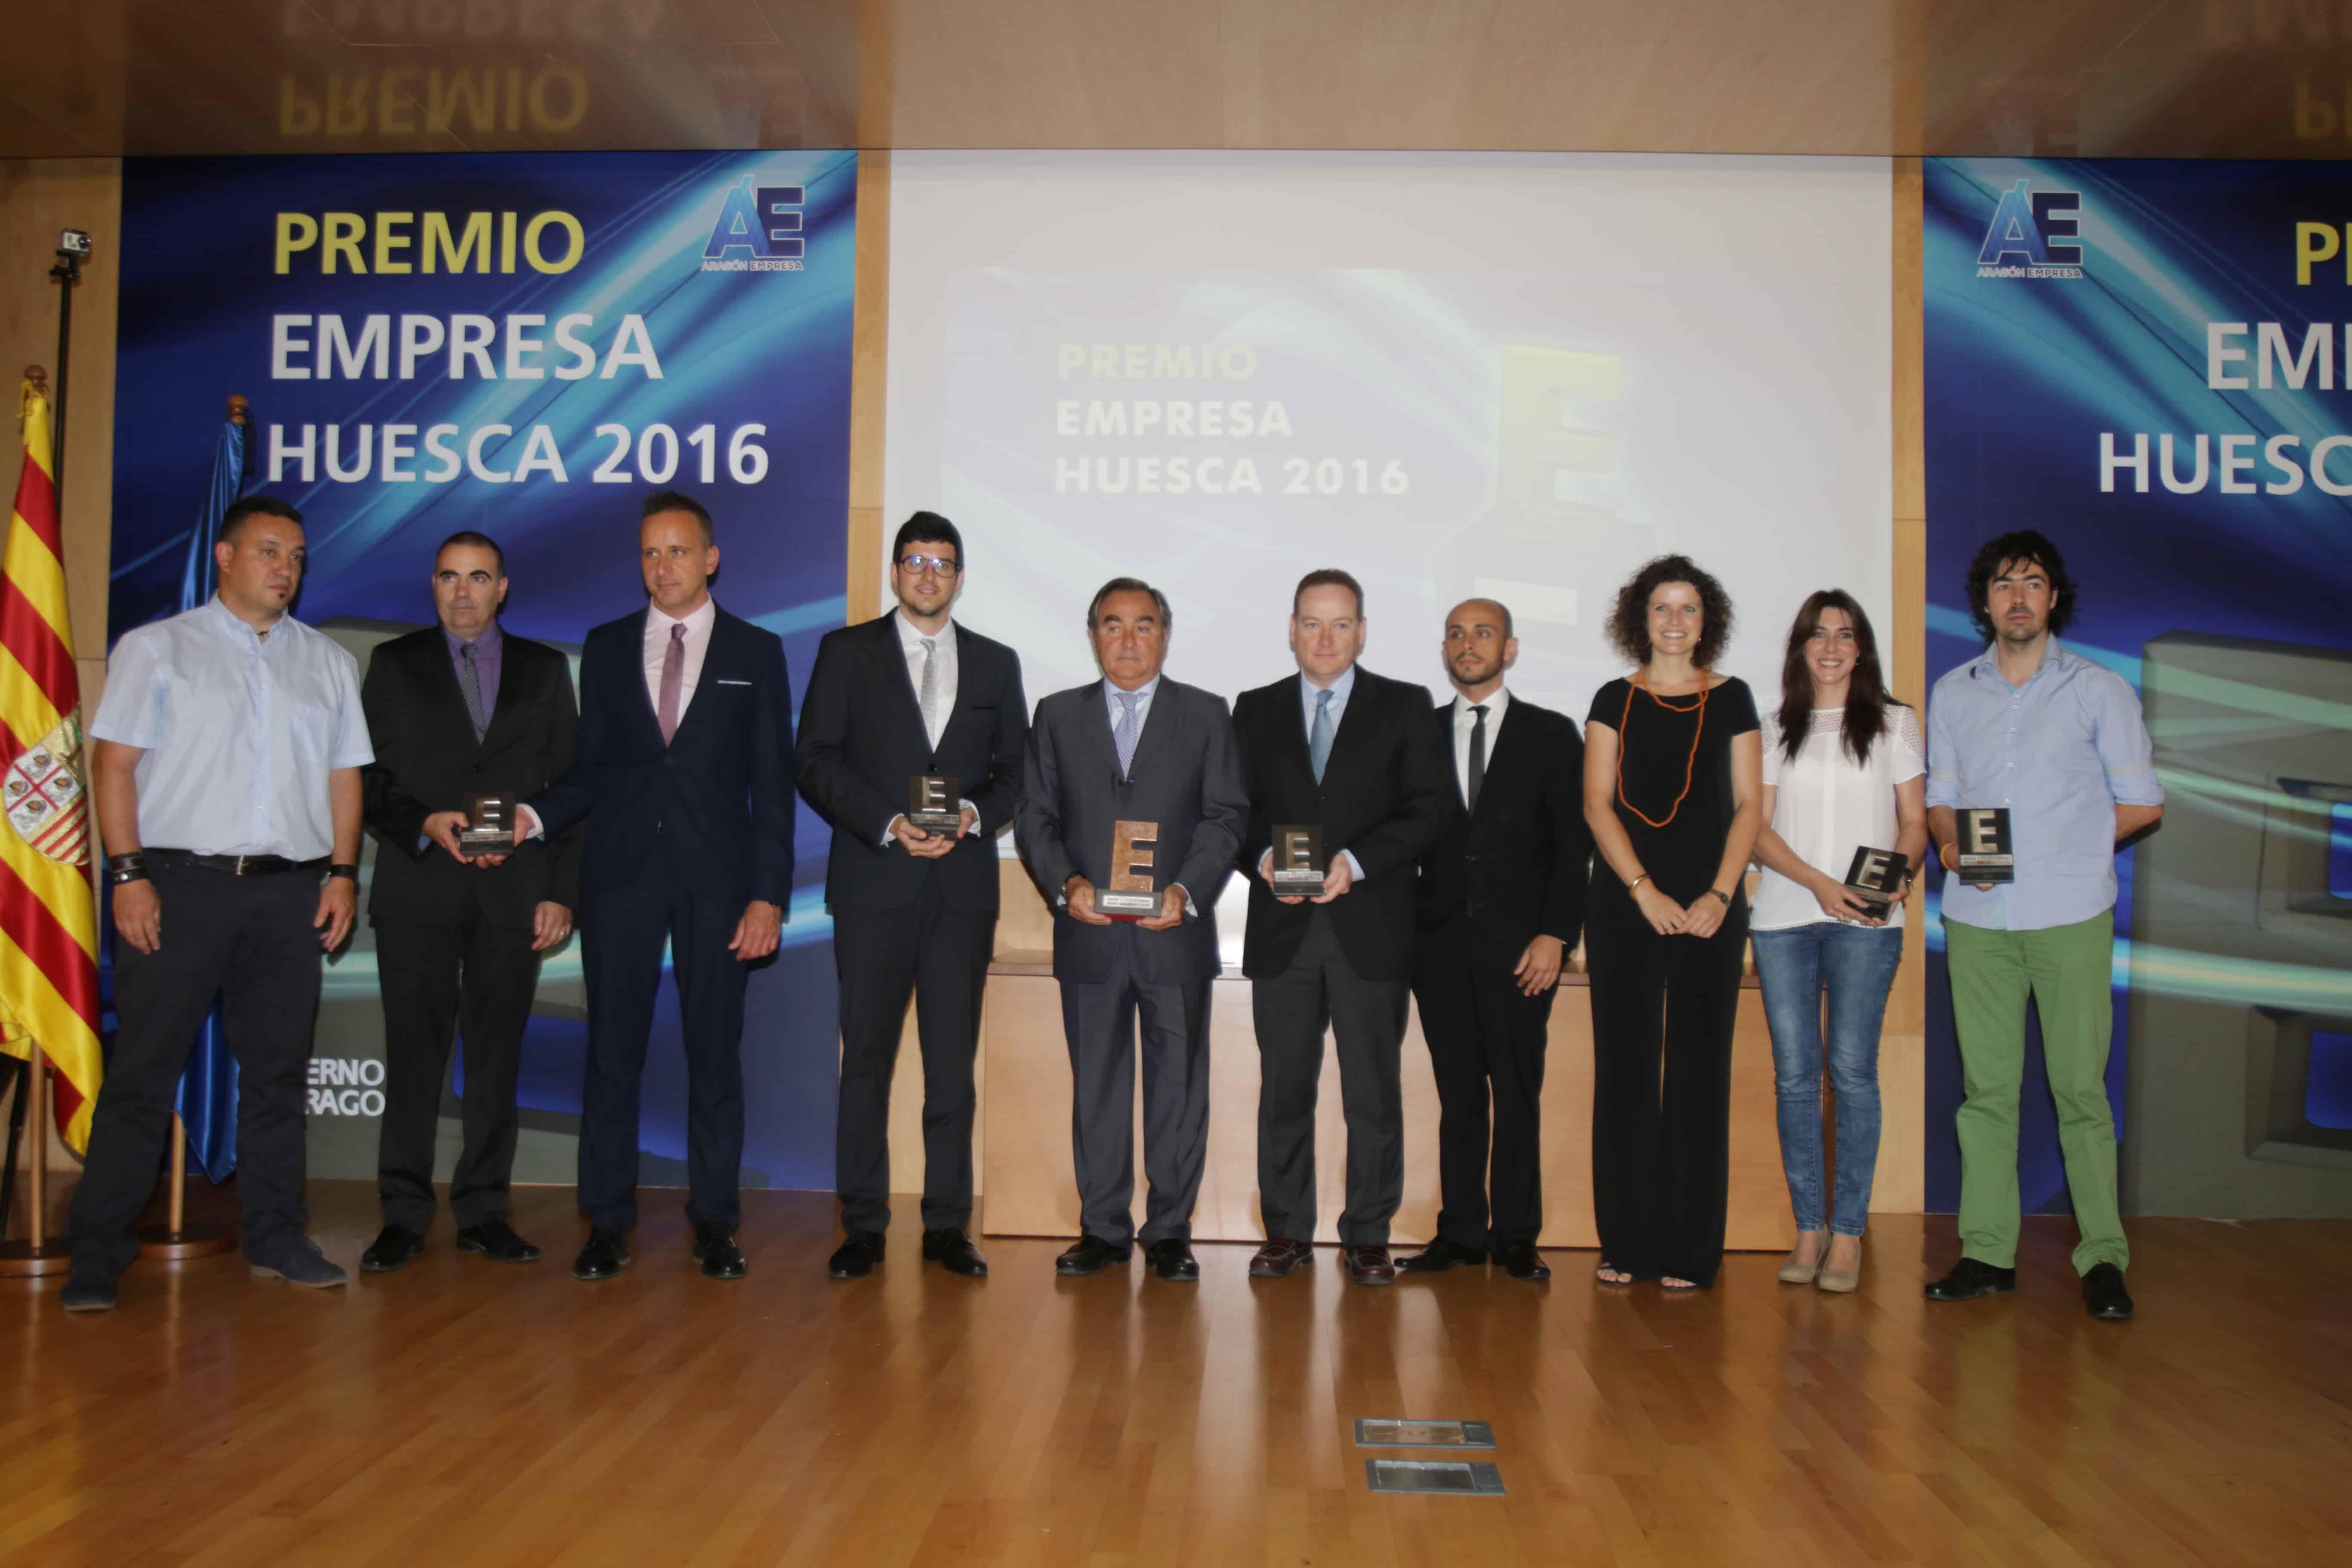 Premiados en Premios Empresa Huesca 2016